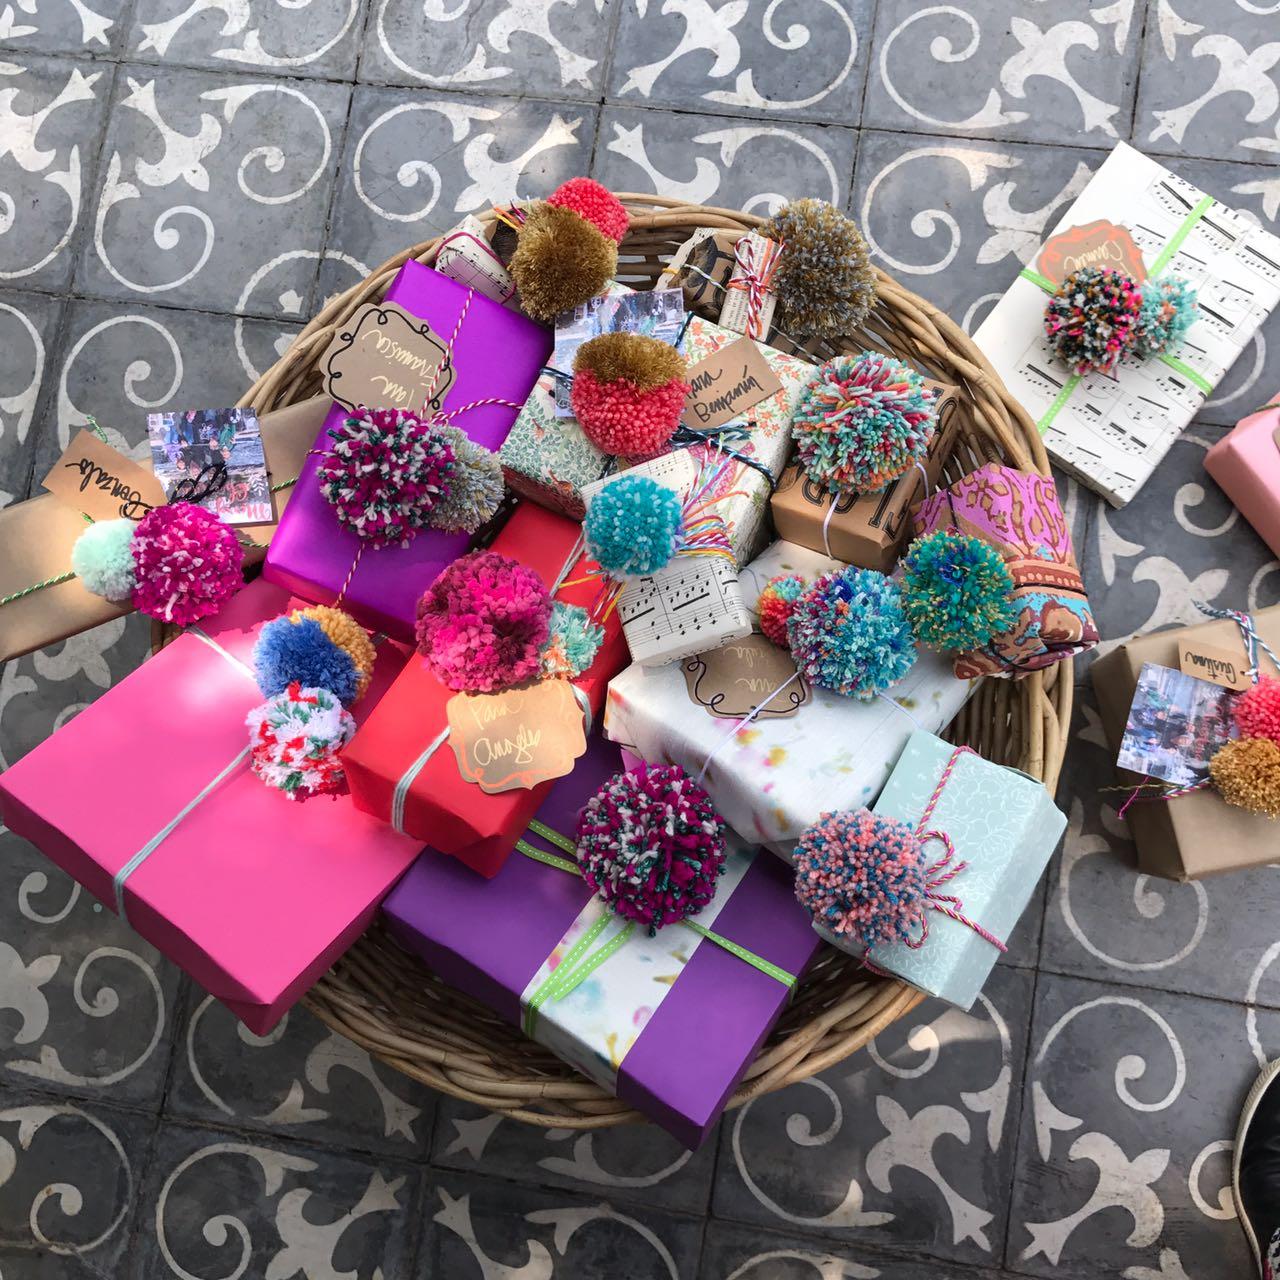 Especial Navidad: 6 ideas para decorar la casa